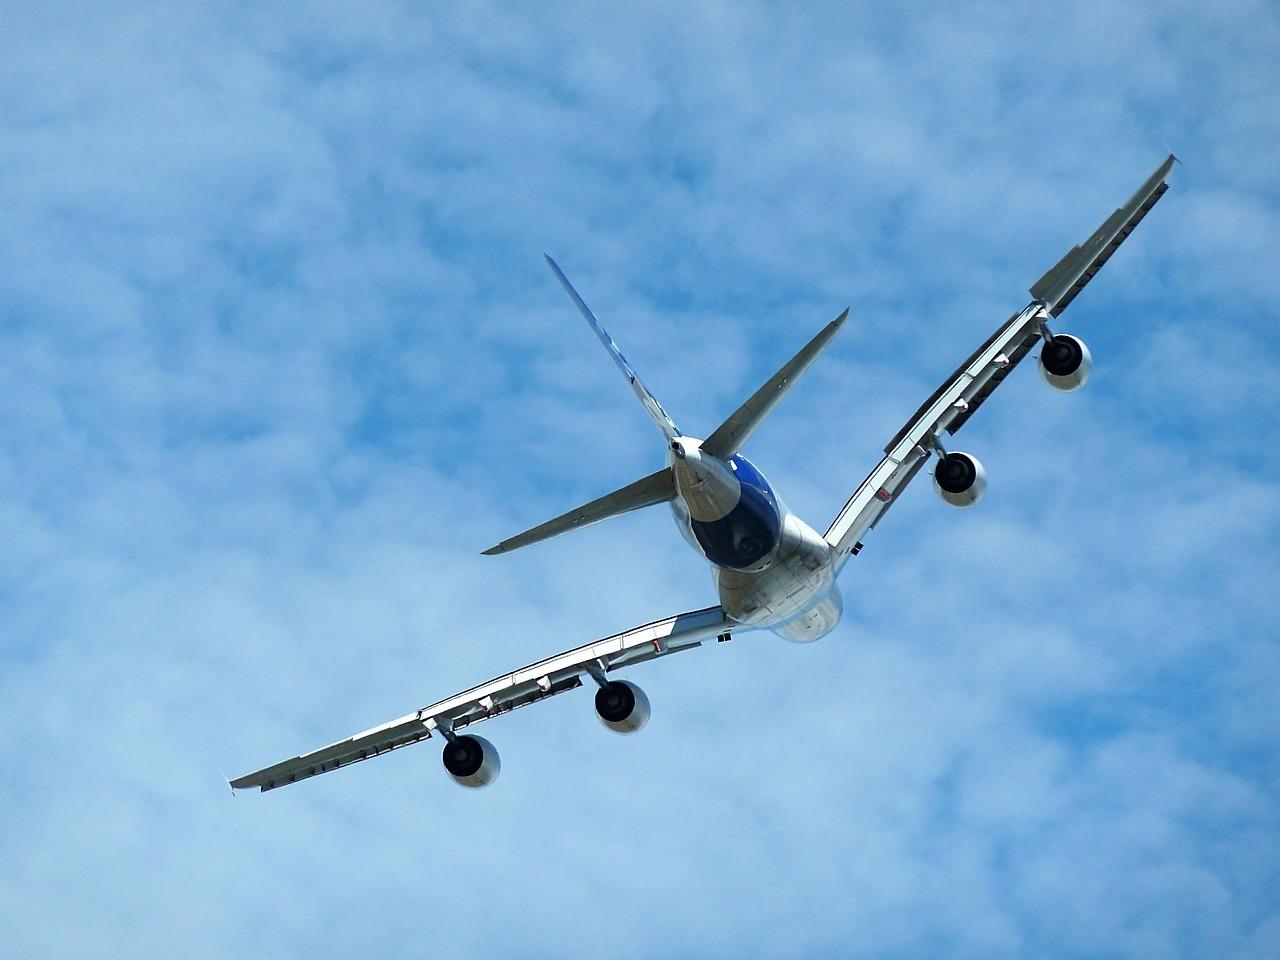 Mezinárodní letecká přehlídka v pařížském Le Bourget začala